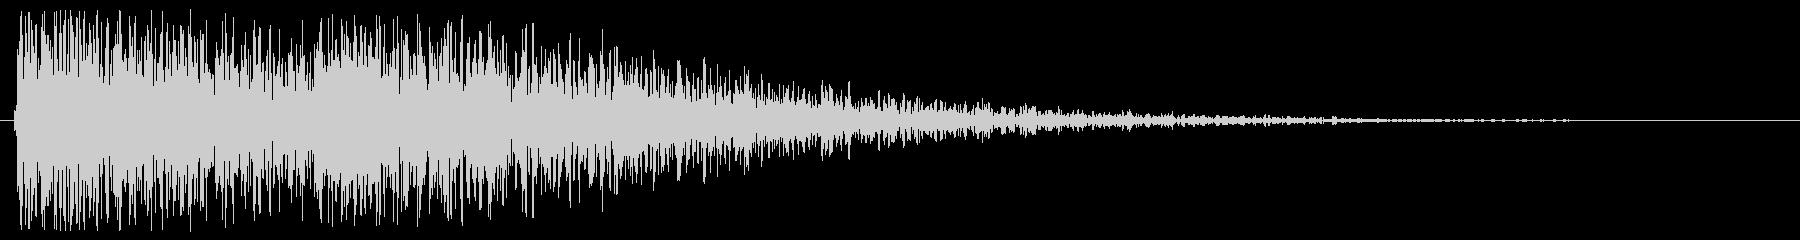 2種類のトーンで奏でる効果音の未再生の波形